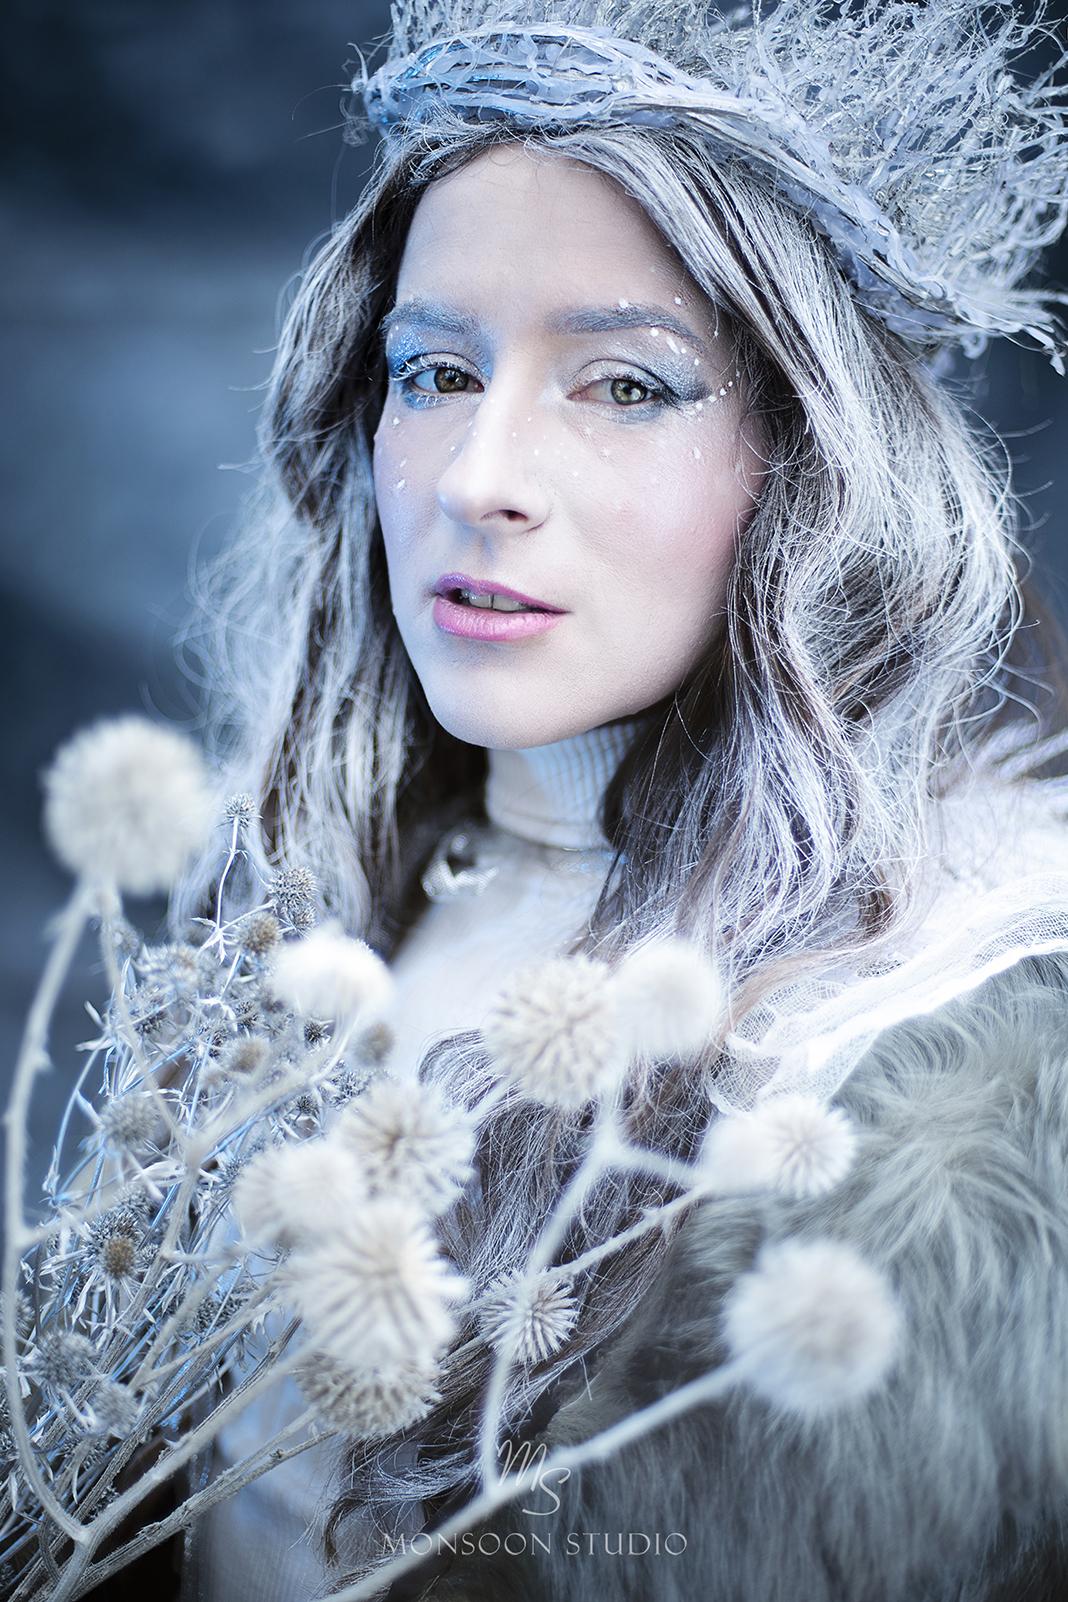 zimowa sesja zdjęciowa, artystyczny plener, portret fine art, sesja kobieca Warszawa